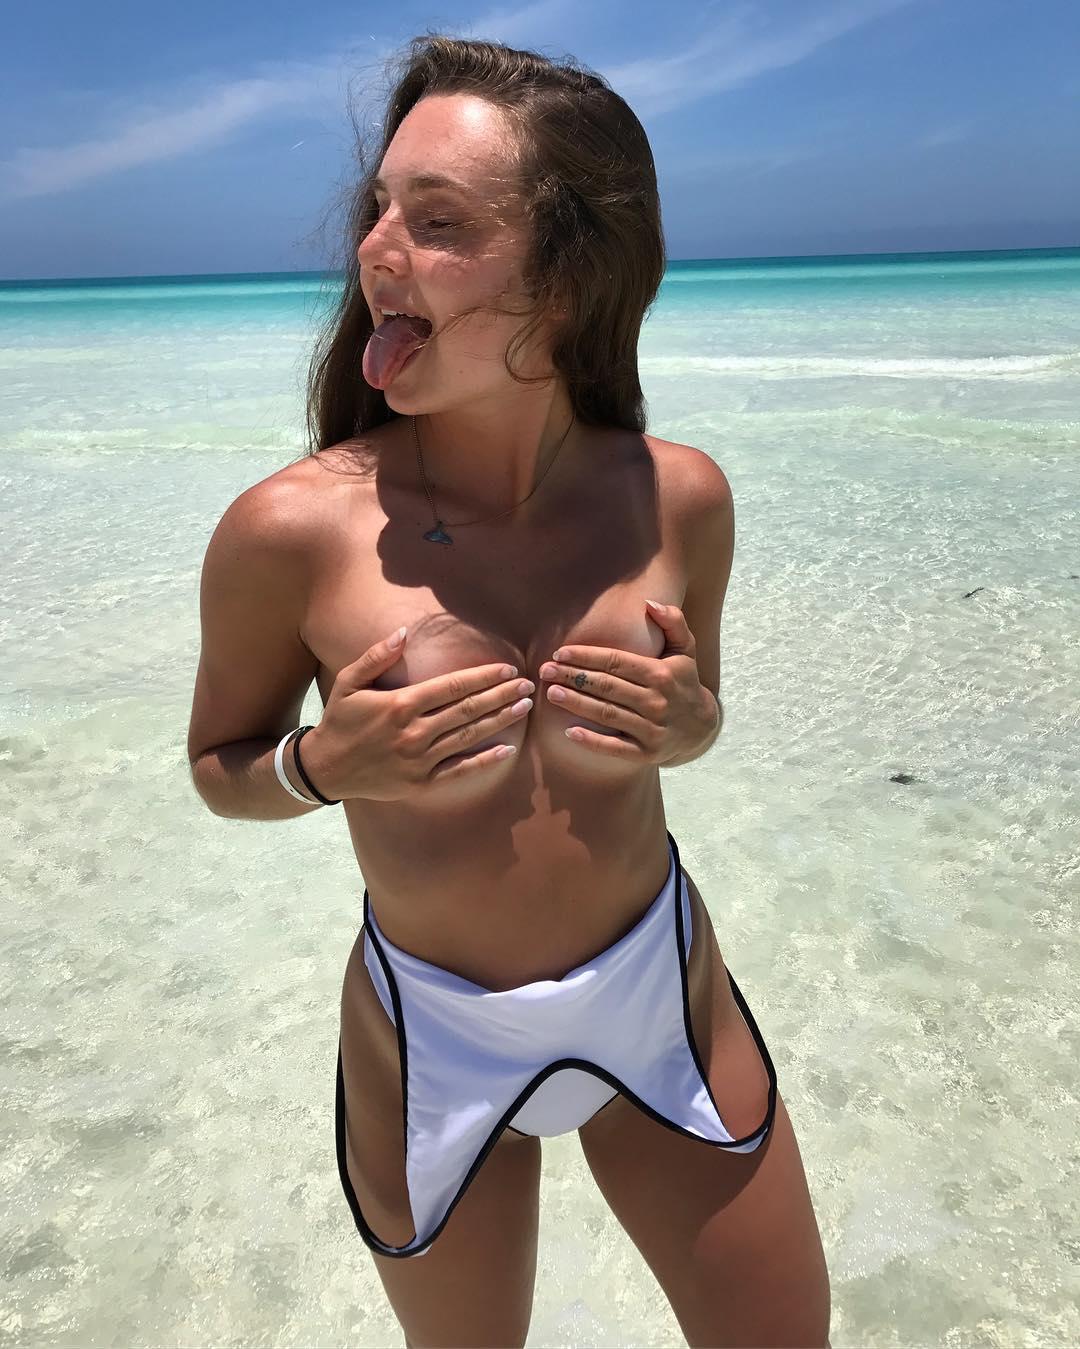 gabby scheyen nude